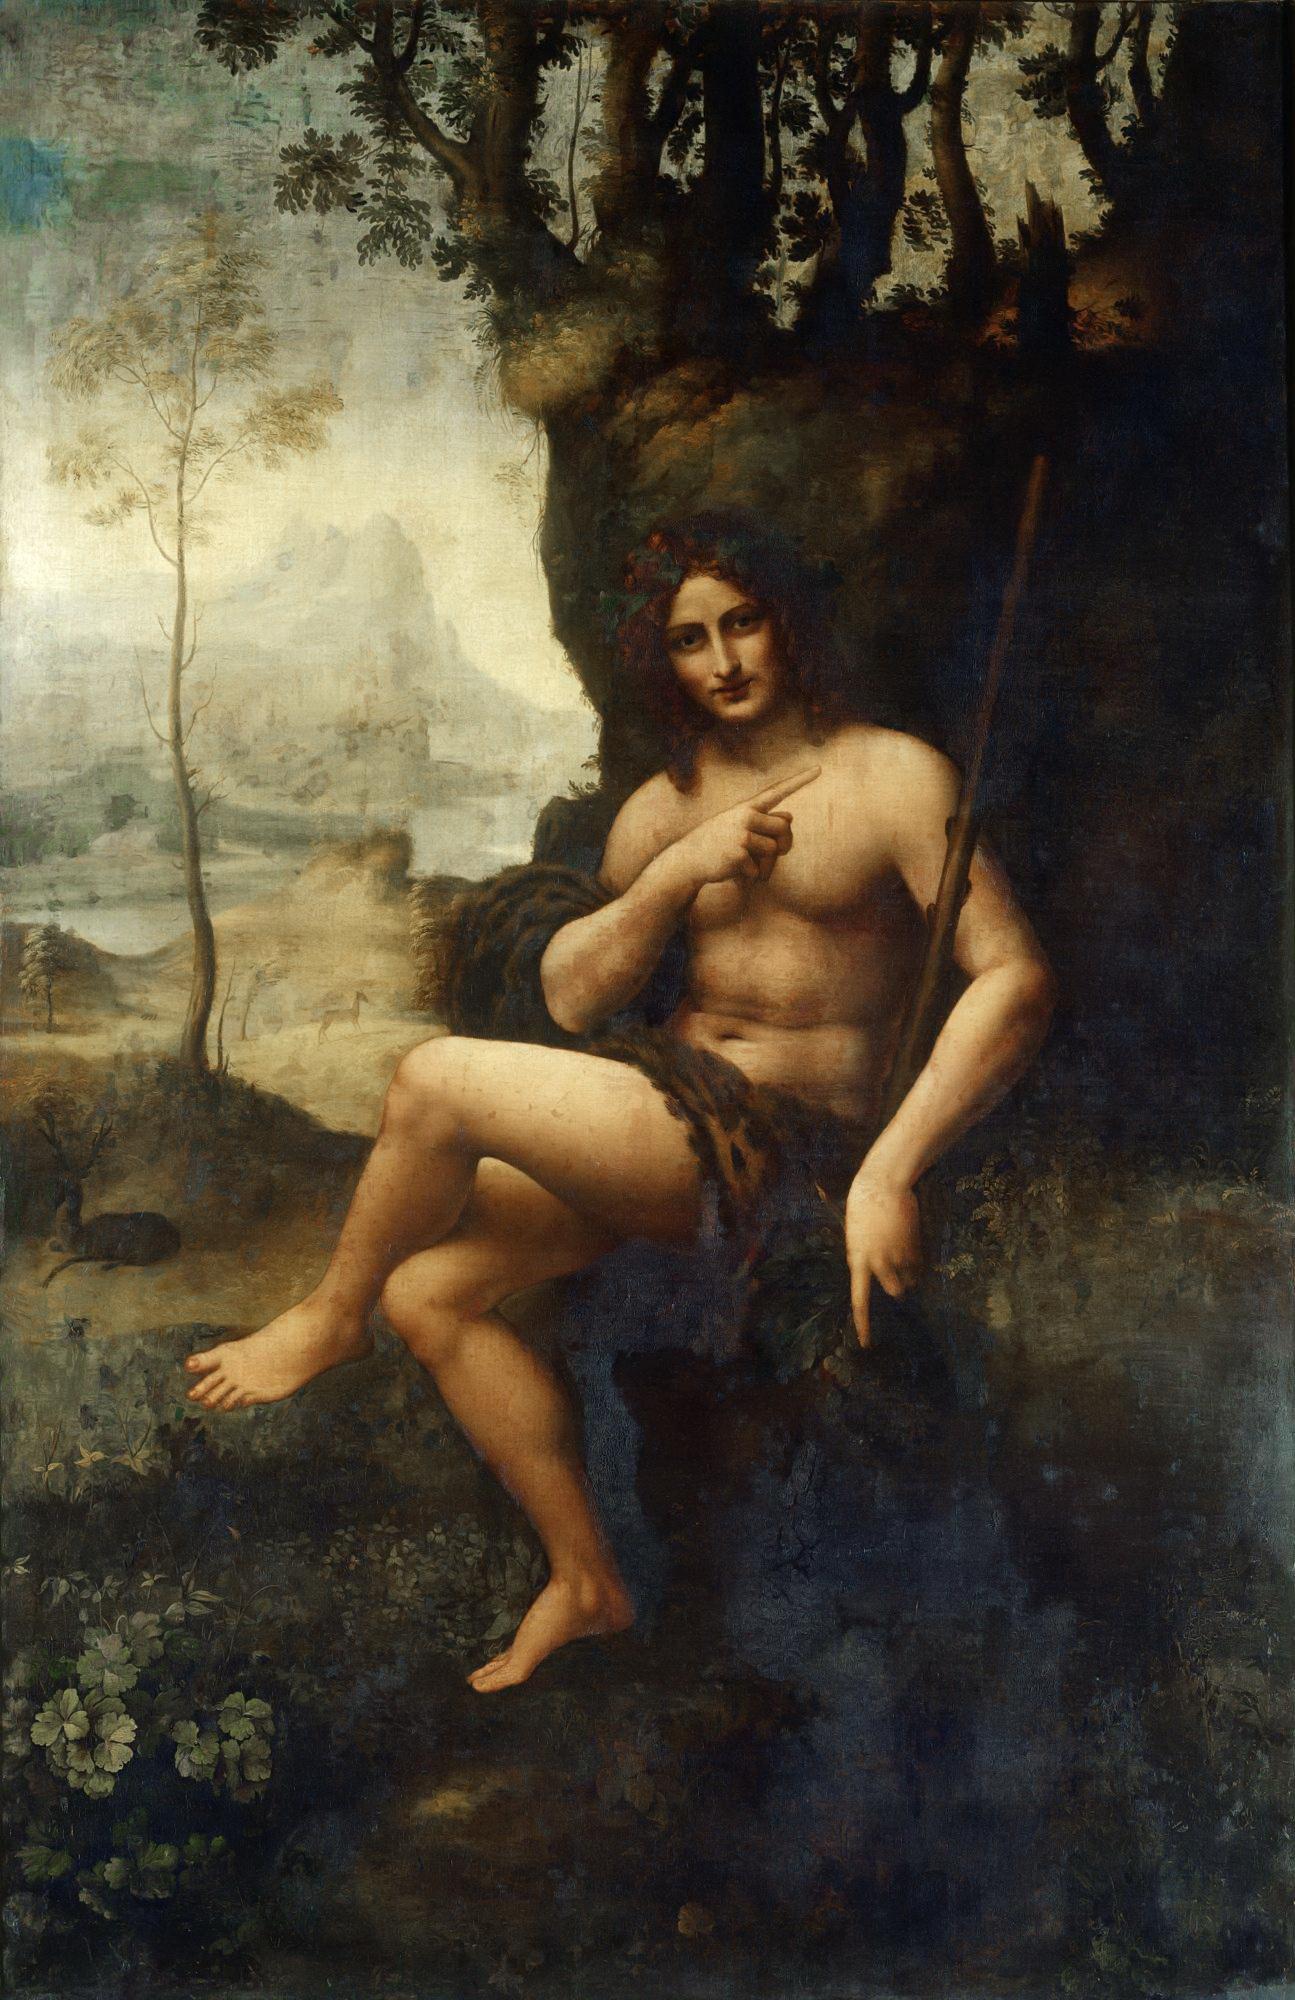 Workshop of Leonardo da Vinci, Bacchus, c.1510-1515, Louvre, Paris